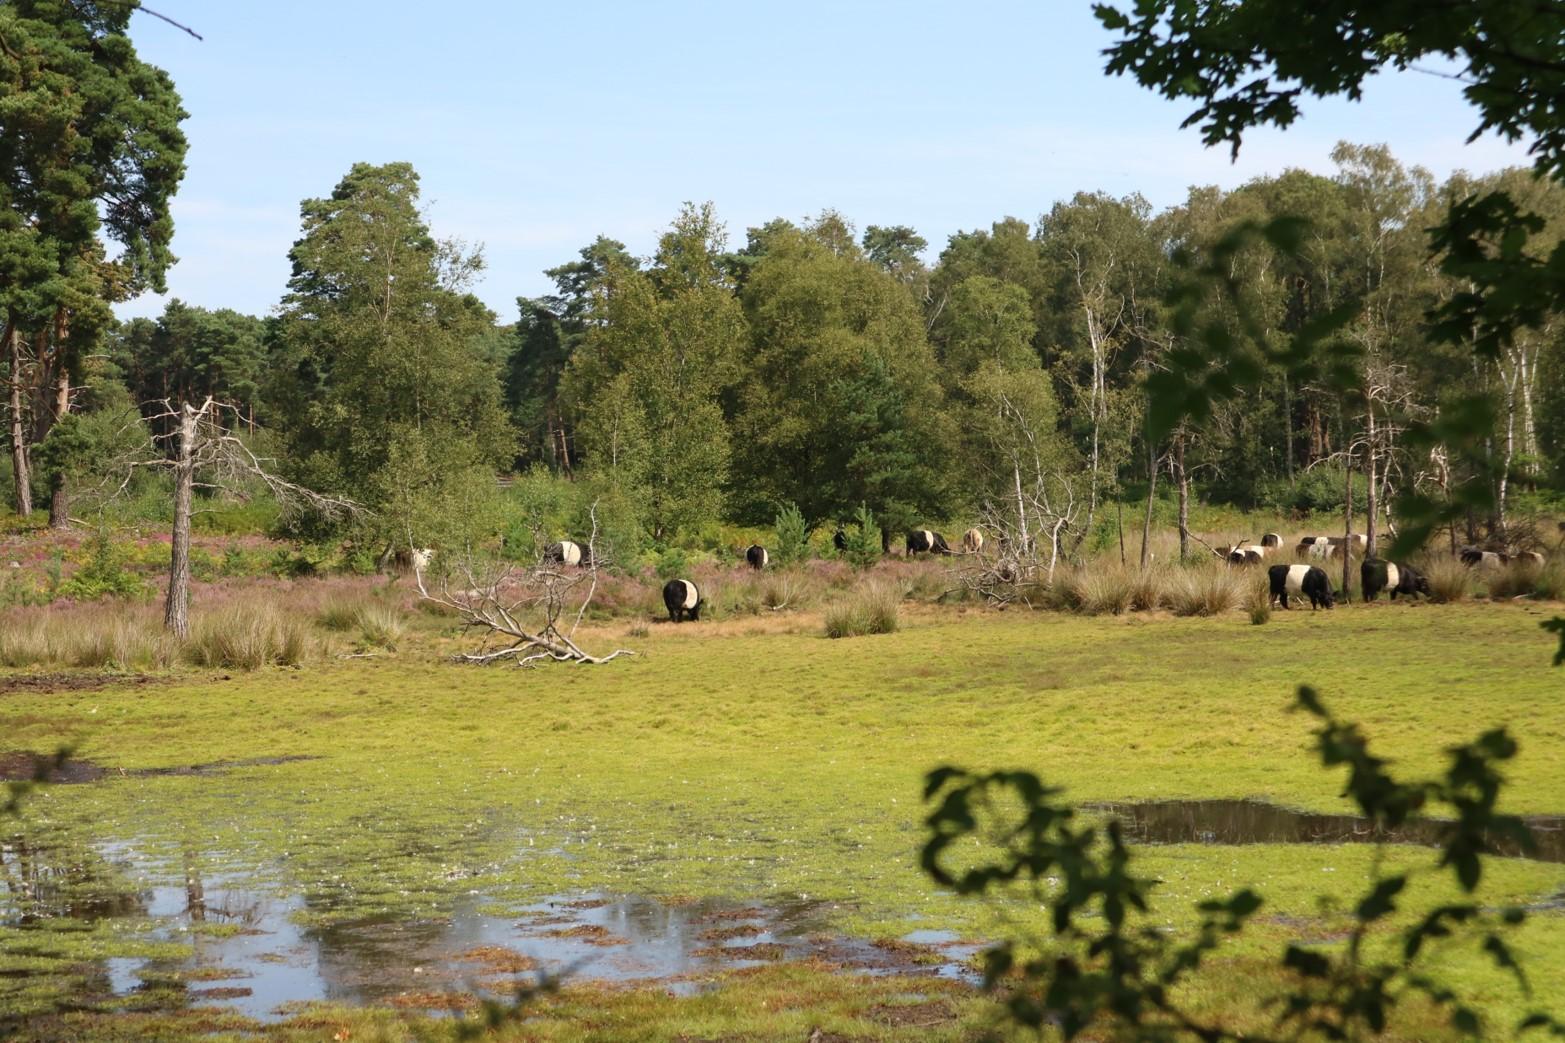 wisley common